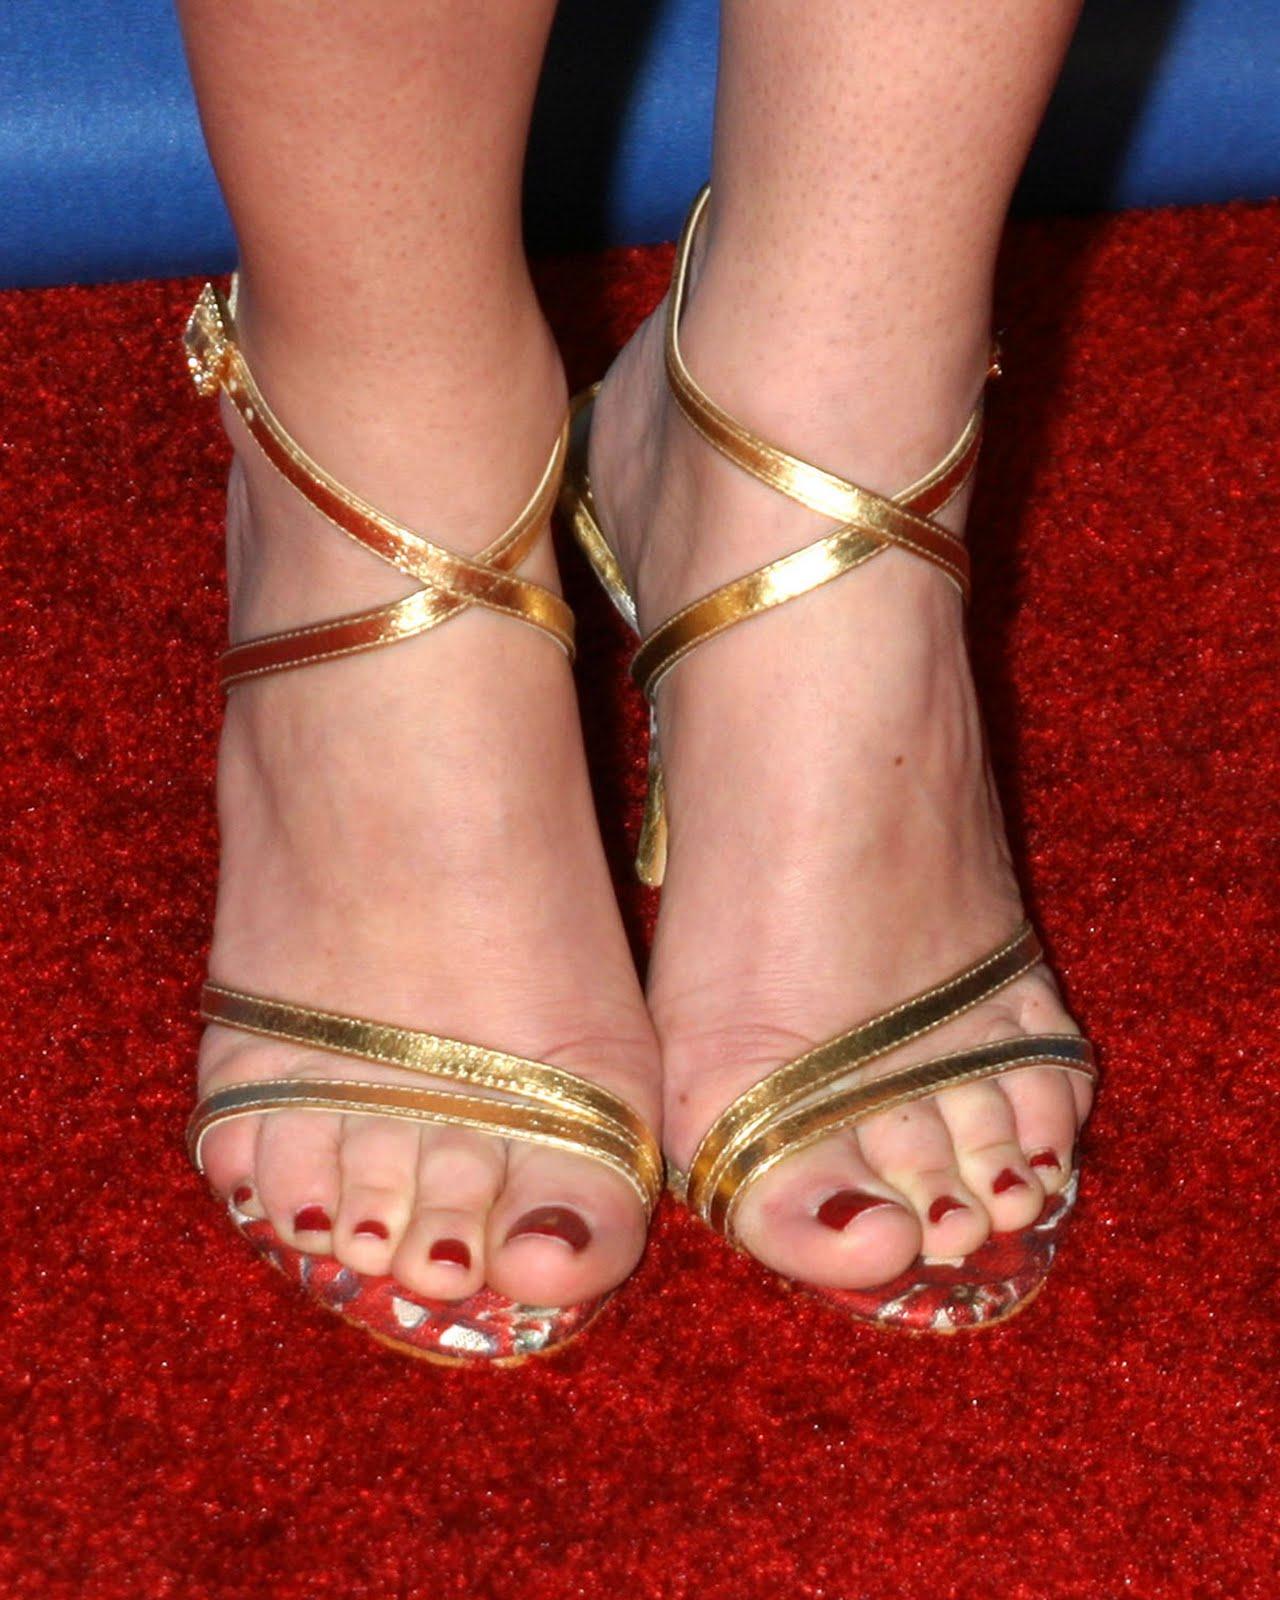 http://1.bp.blogspot.com/_UaLWp72nij4/S-sOGLfX3nI/AAAAAAAAKzI/ATLtLwqmLGU/s1600/kelly-monaco-feet-4.jpg